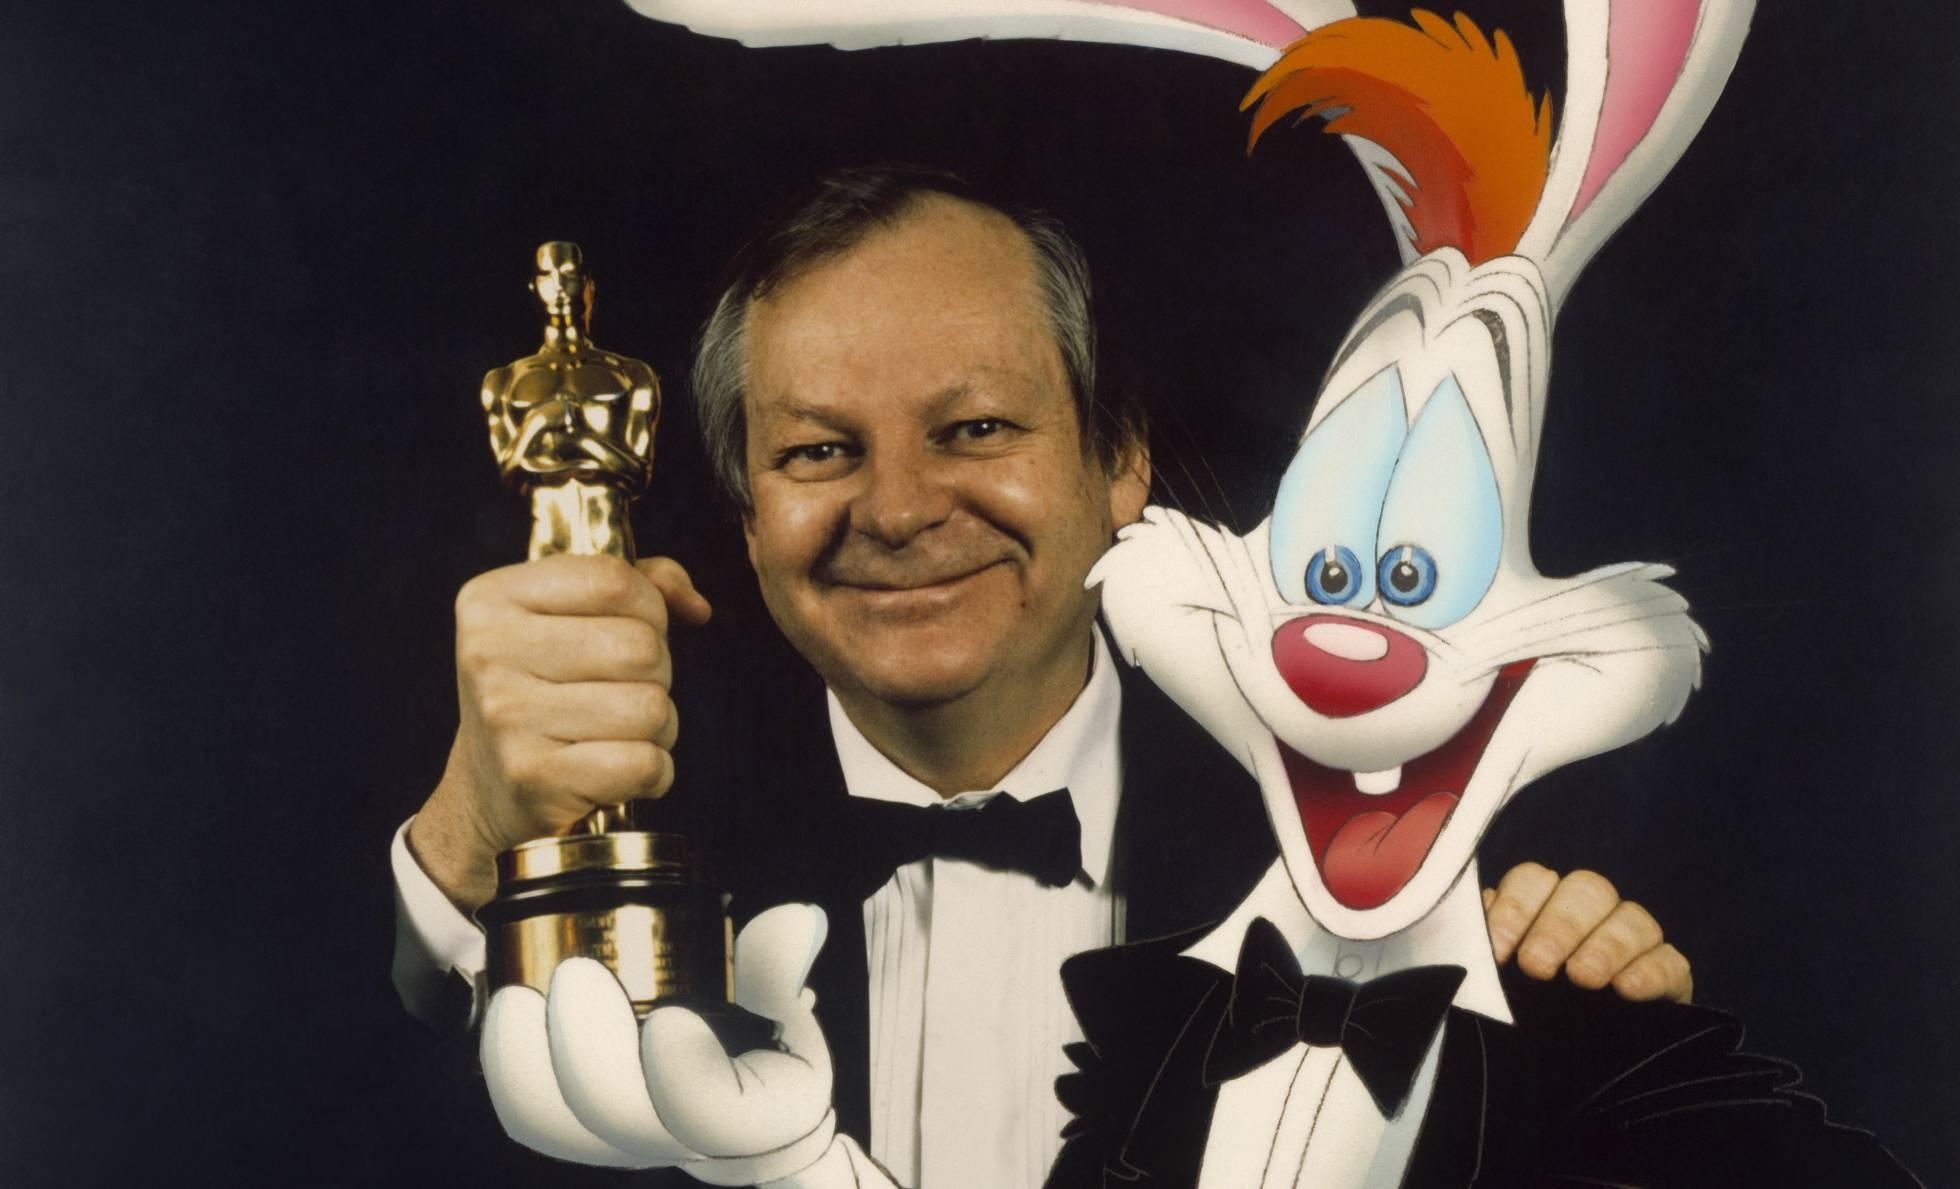 Muere Richard Williams, el animador que creó a los personajes 'Roger Rabbit' y 'Jessica Rabbit'